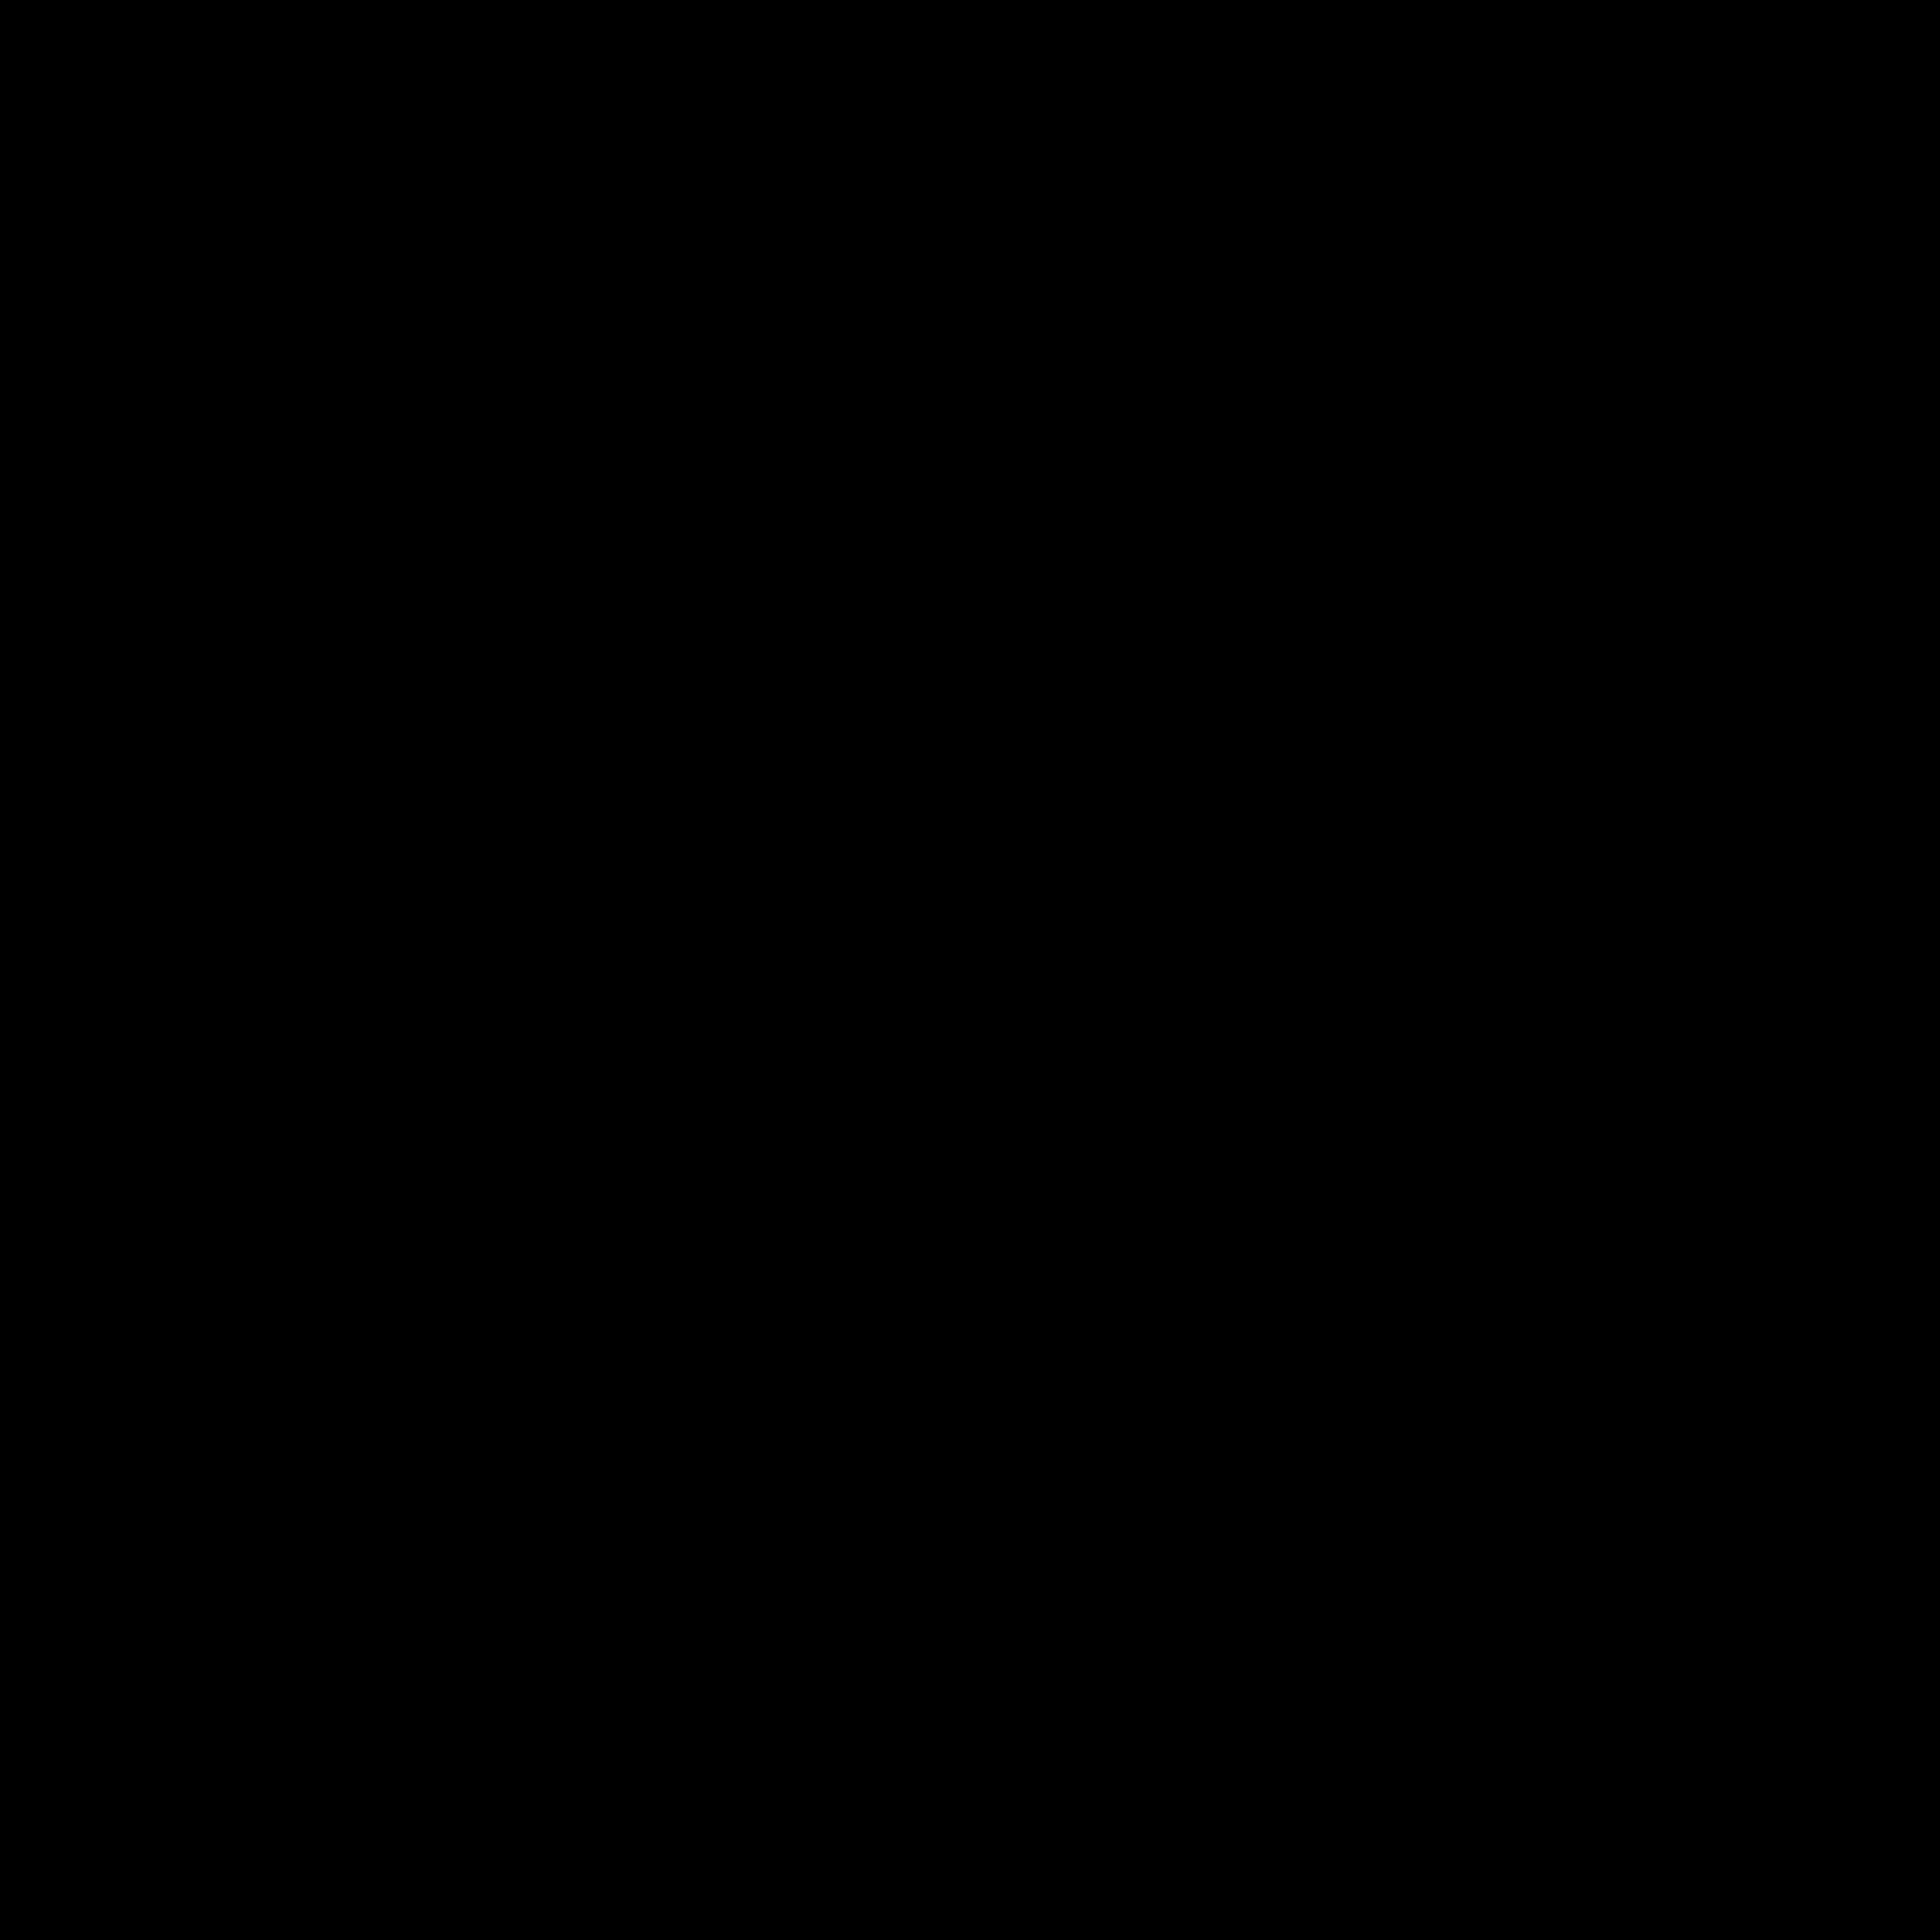 Gartenfeldplatz-Shirt von Charles